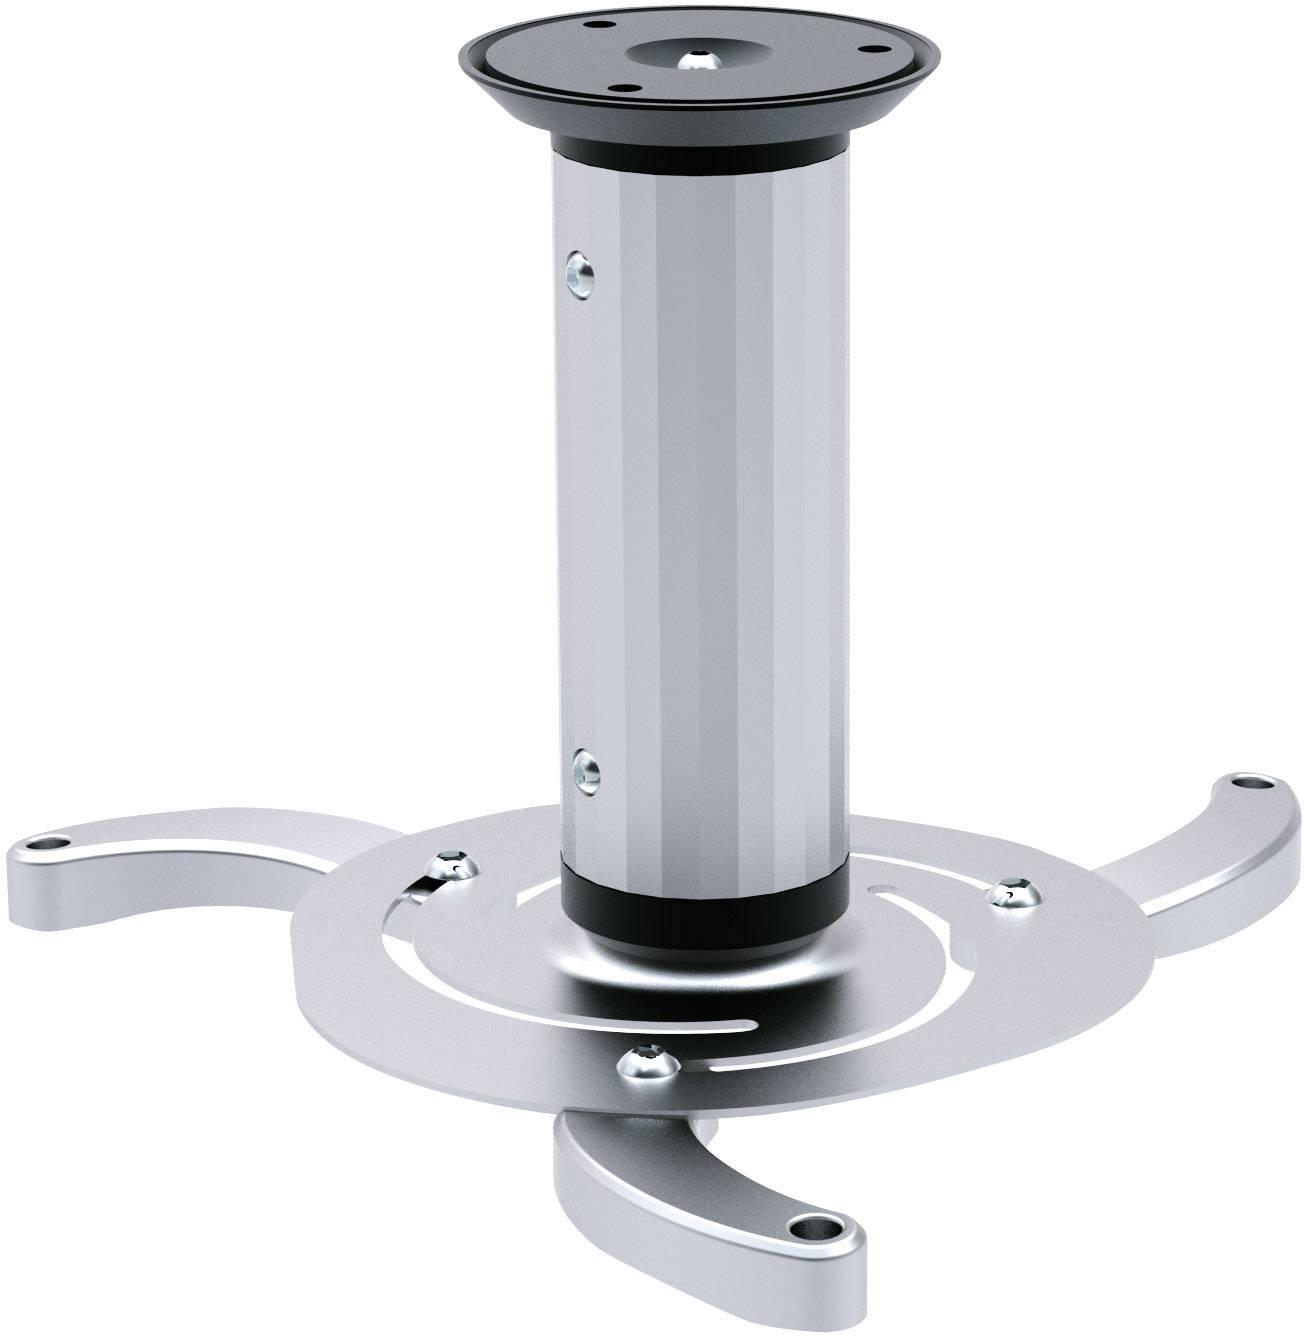 Stropný držiak na projektor sklápajúci, otočný SpeaKa Professional 1227389 SP-4909556, strieborná